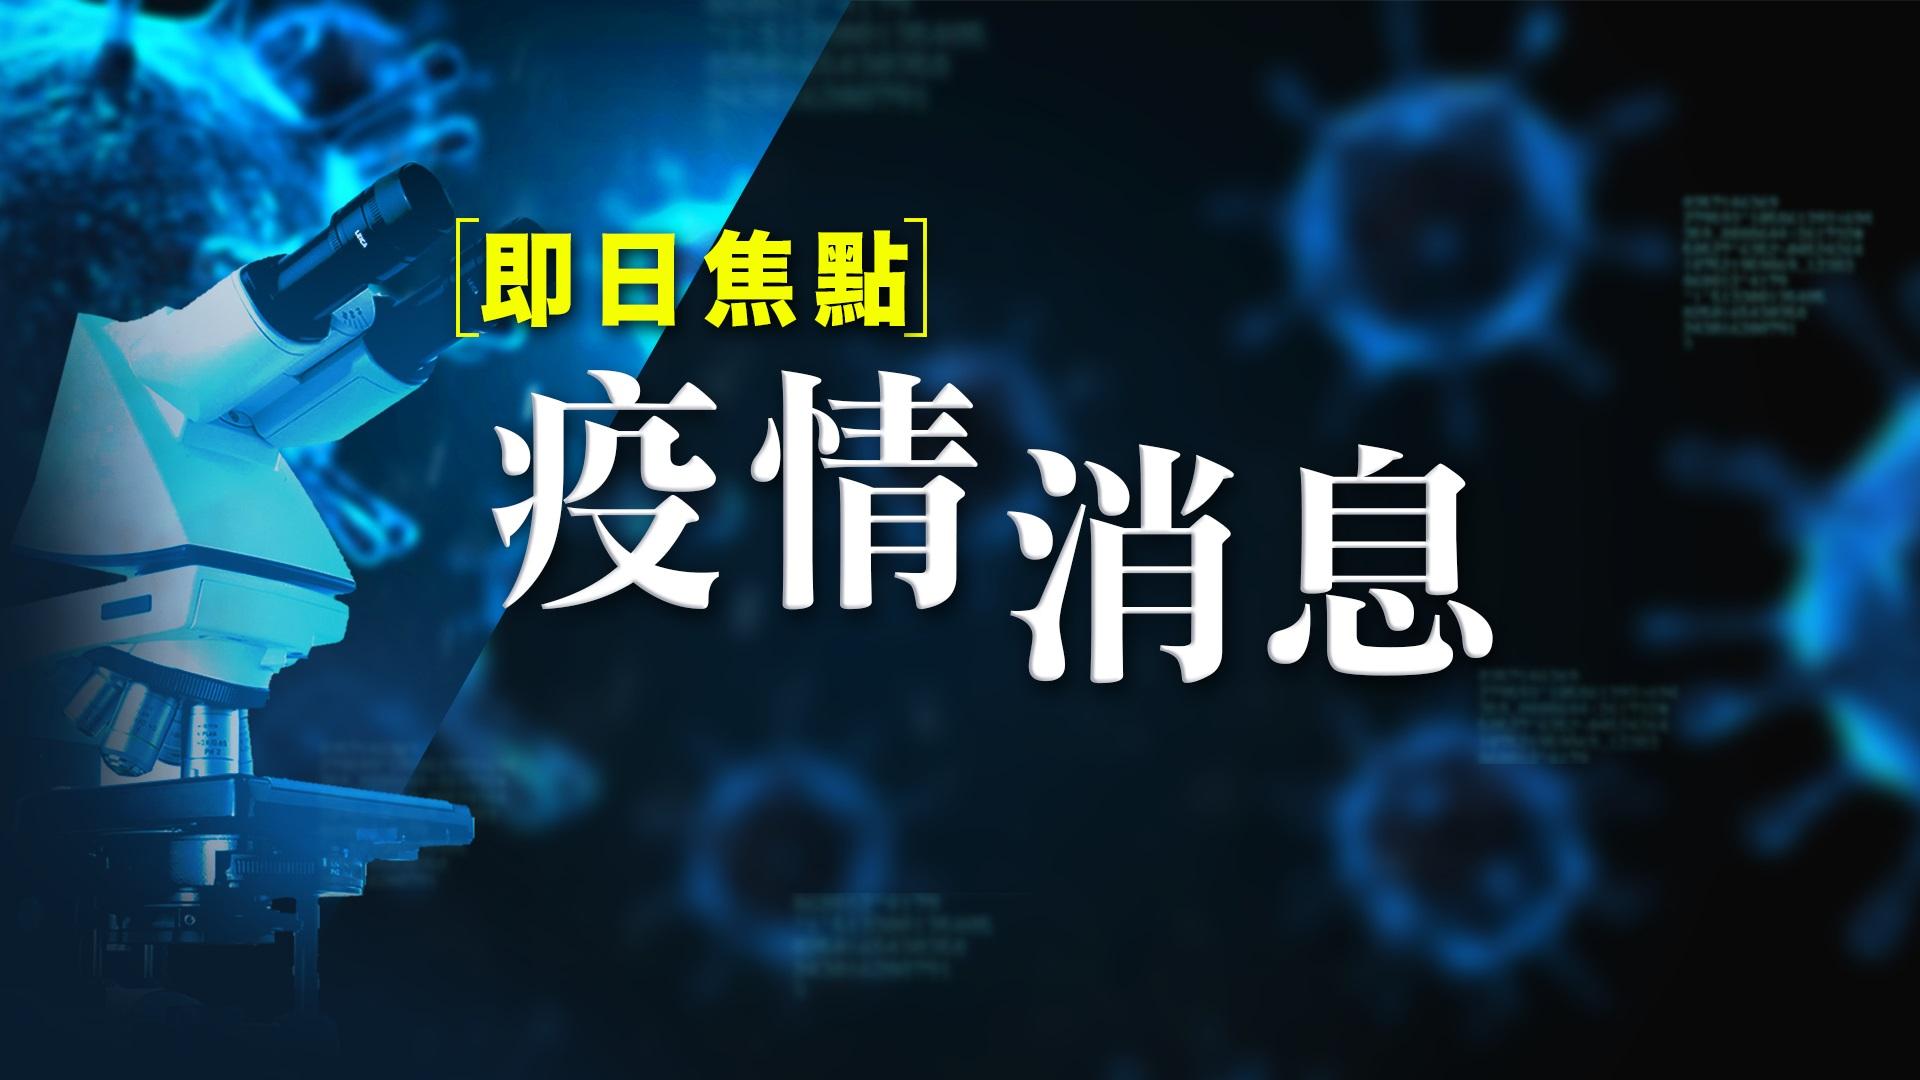 【即日焦點·疫情消息】《刺針》指按作者意願撤回武漢醫護向國際求援文章;新藥「瑞德西韋」最快3月中引入本港臨床測試